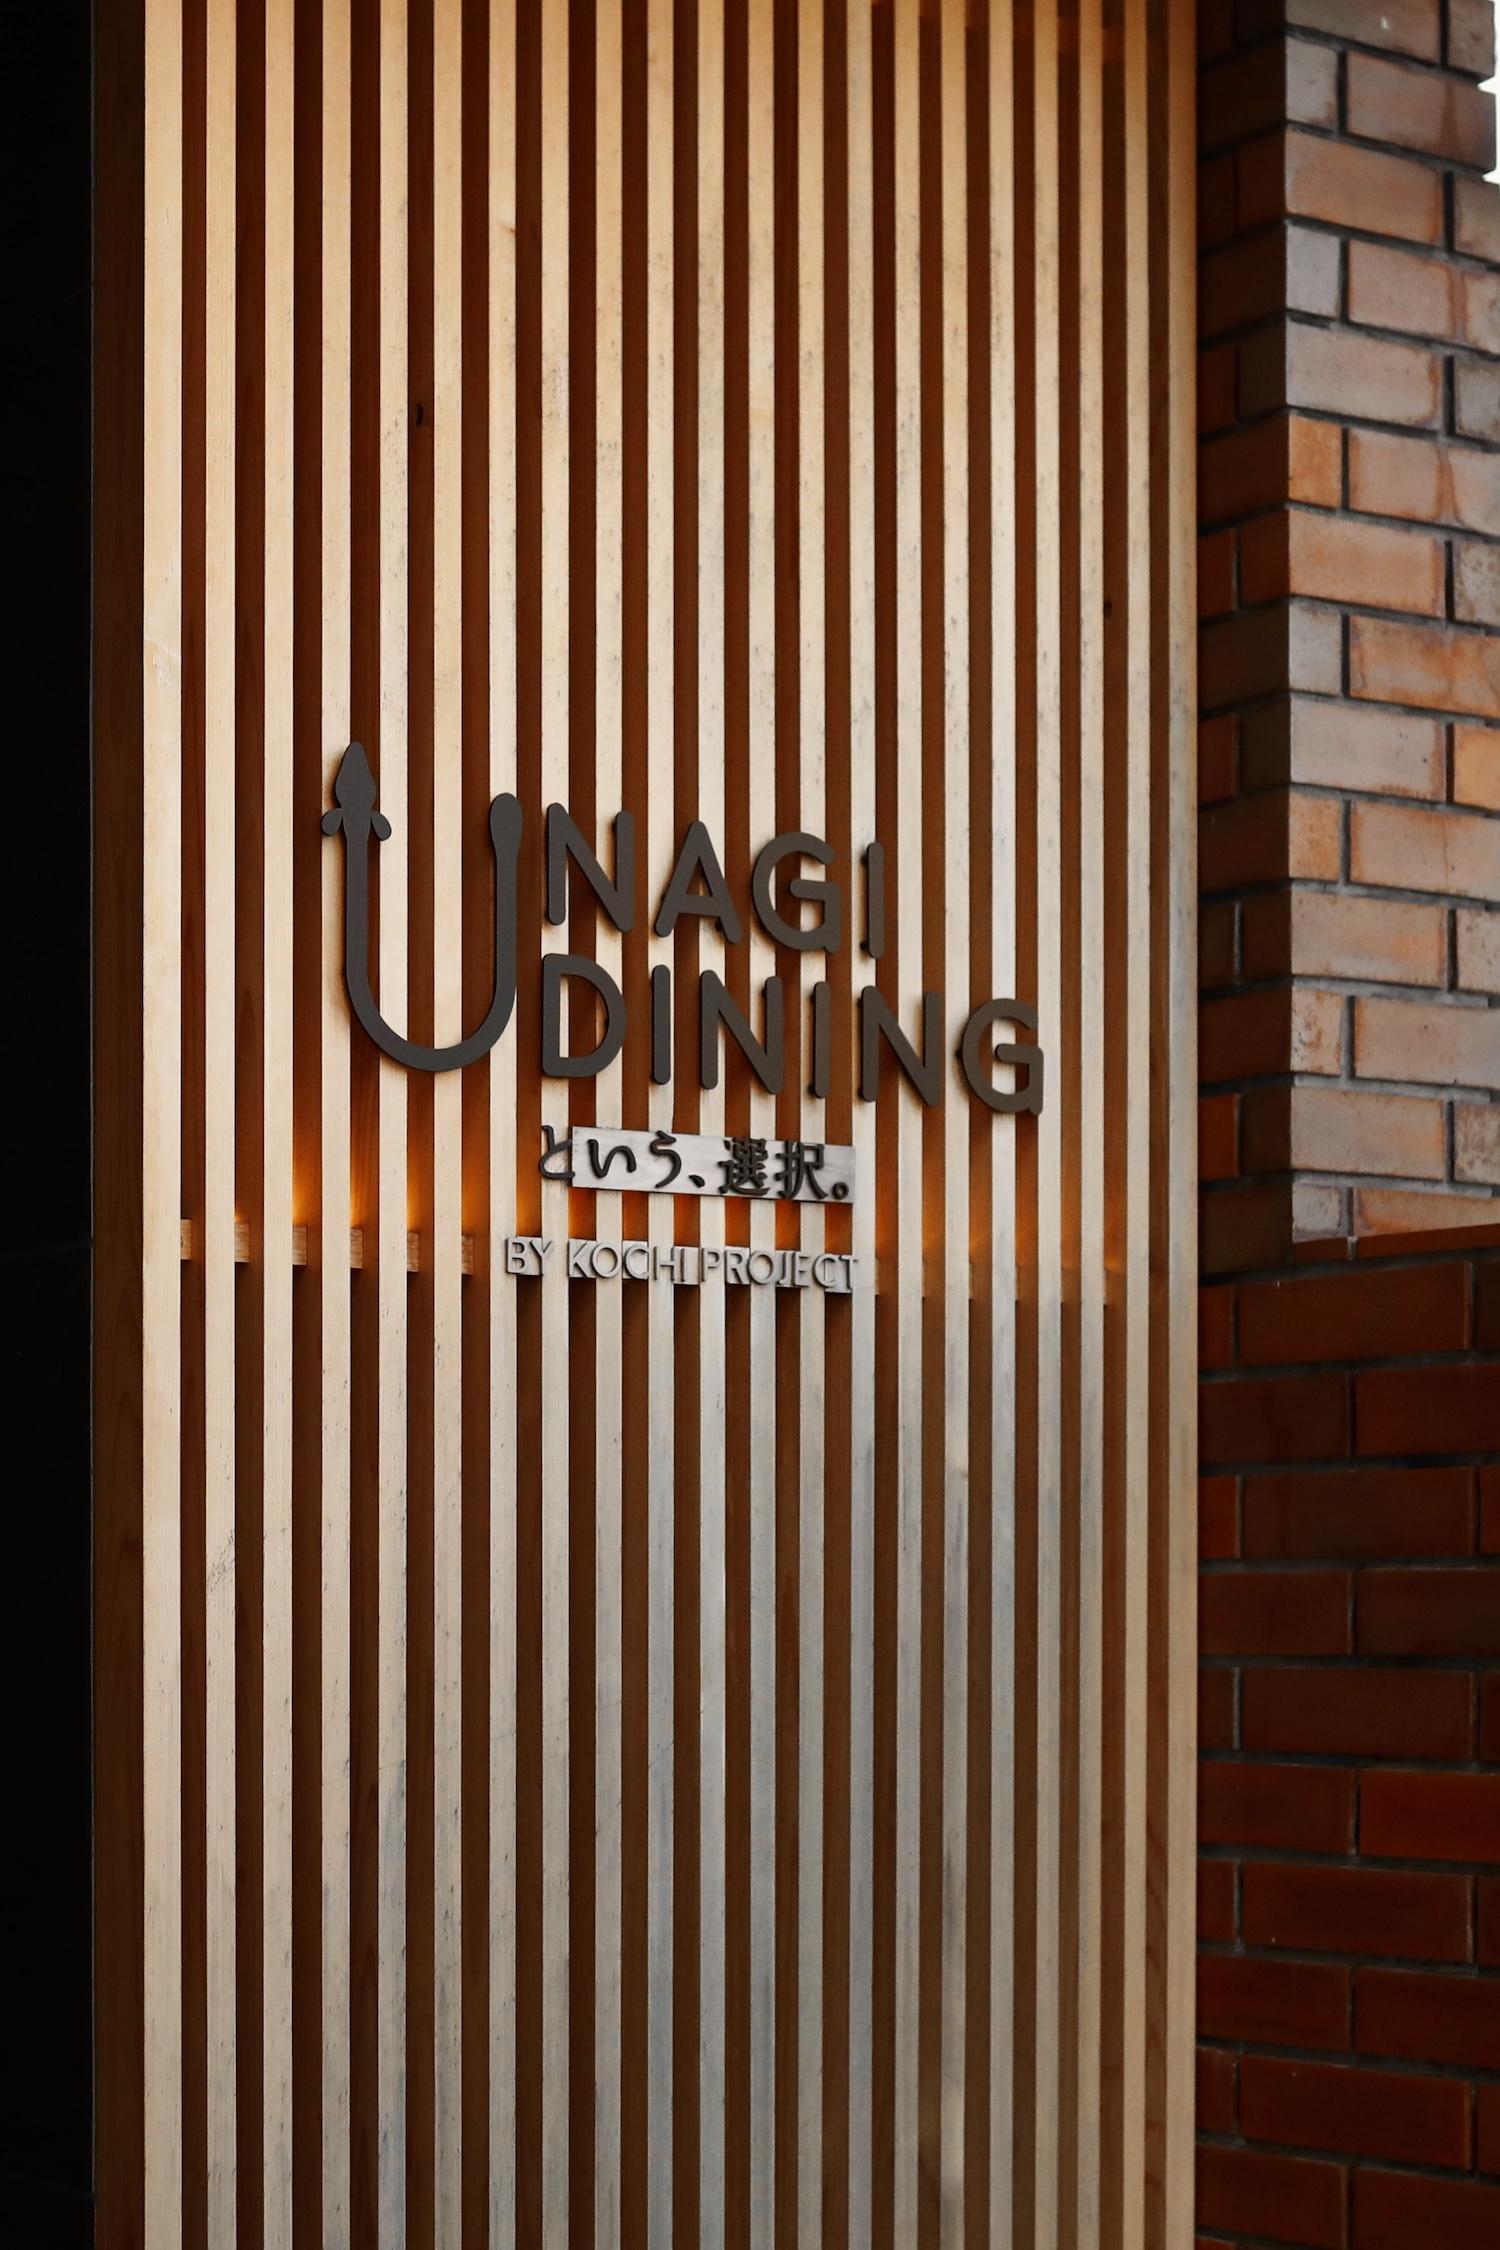 うなぎダイニング 鰻料理と創作和食を高知で味わうなら「UNAGI DININGという、選択。」